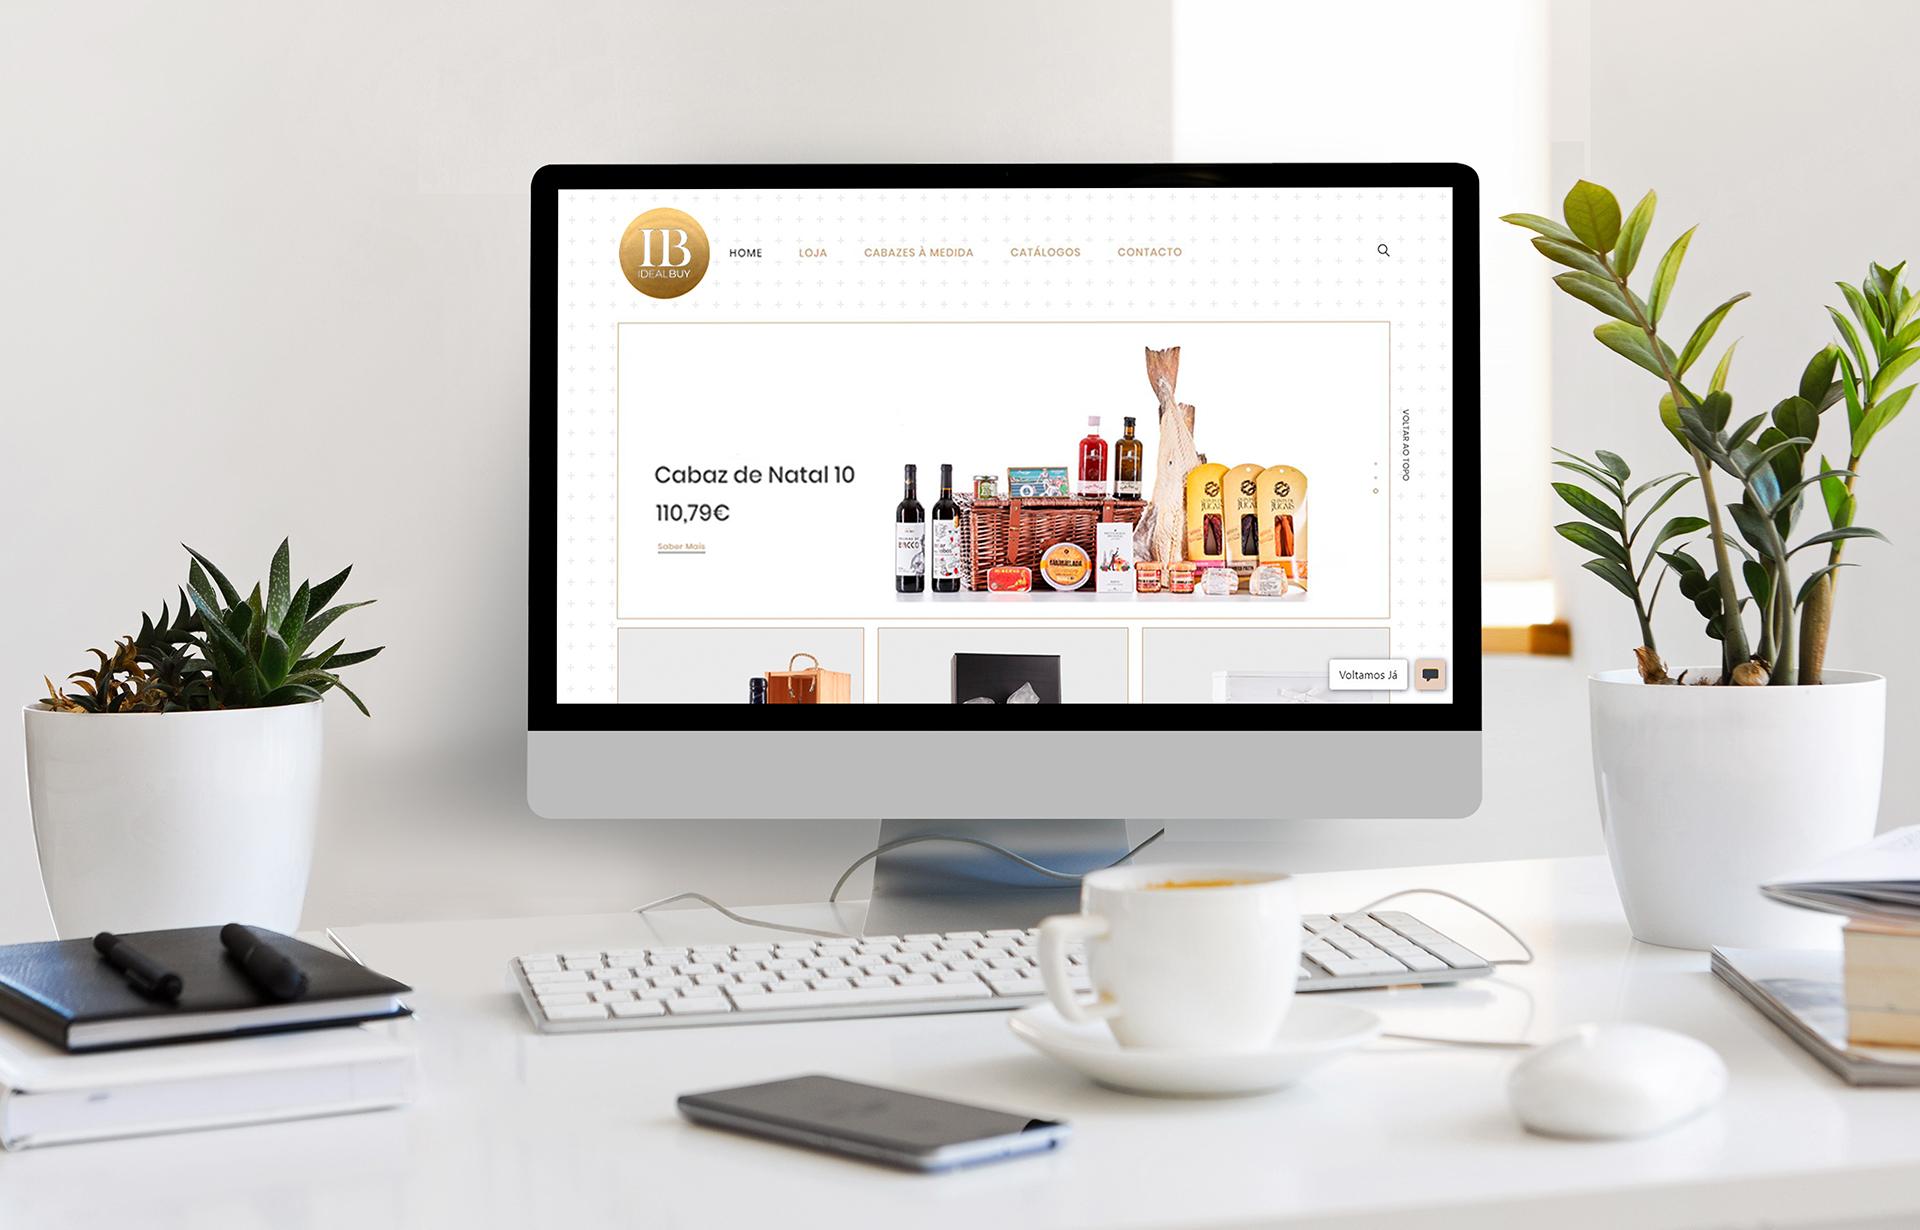 Webdesign - Desenvolvimento e Criação do Website